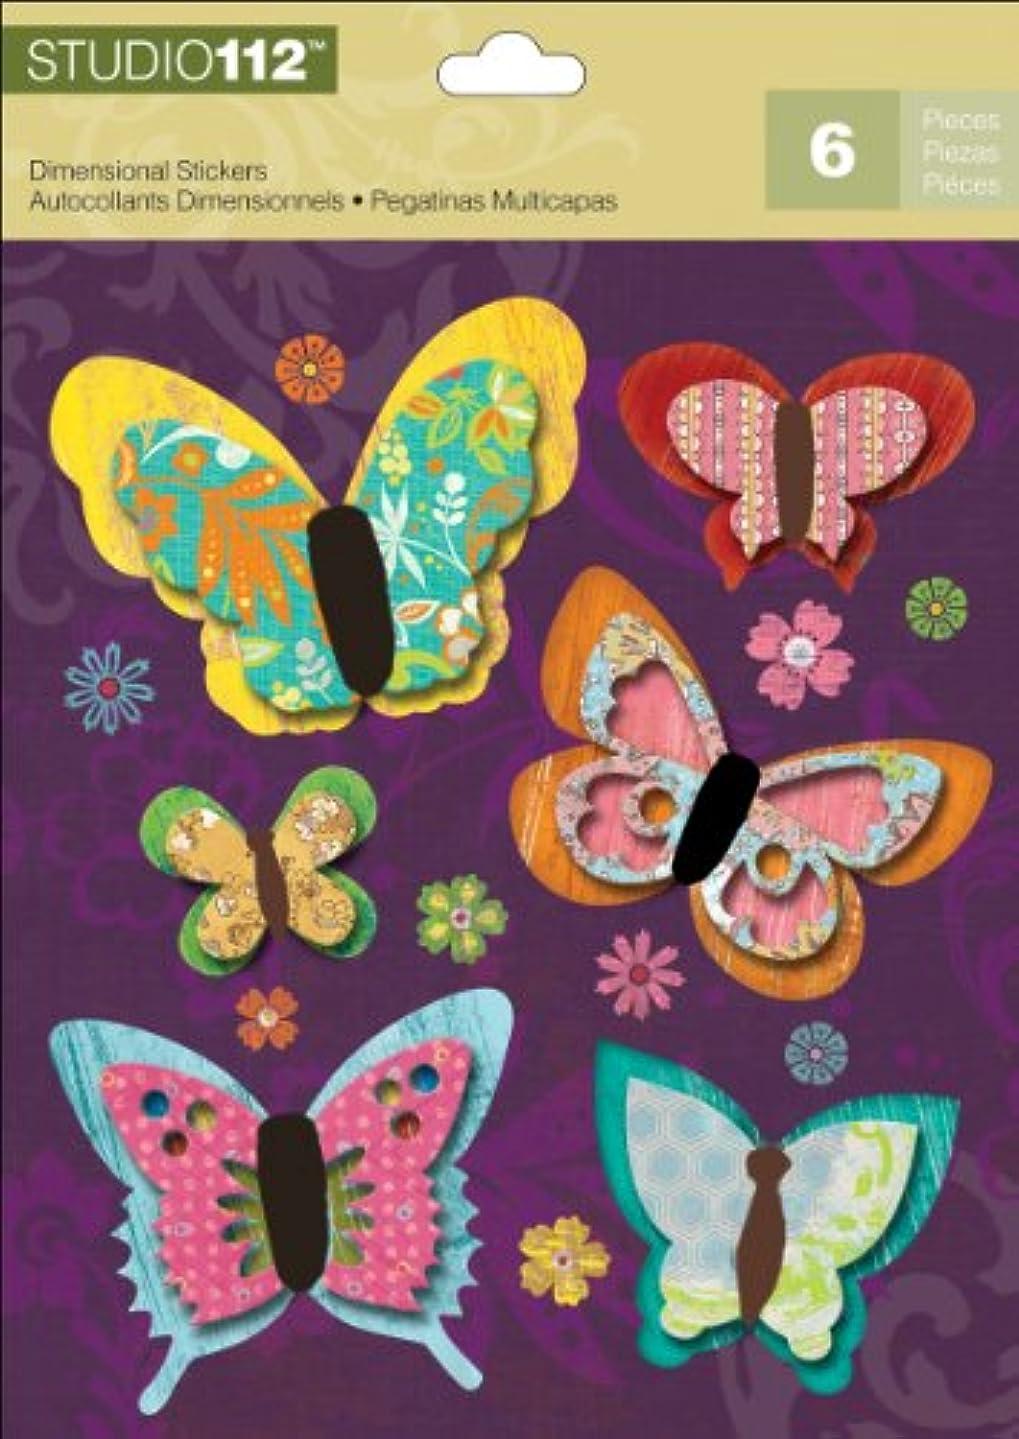 K&Company Studio 112 Butterfly Dimensional Stickers nkk493651913